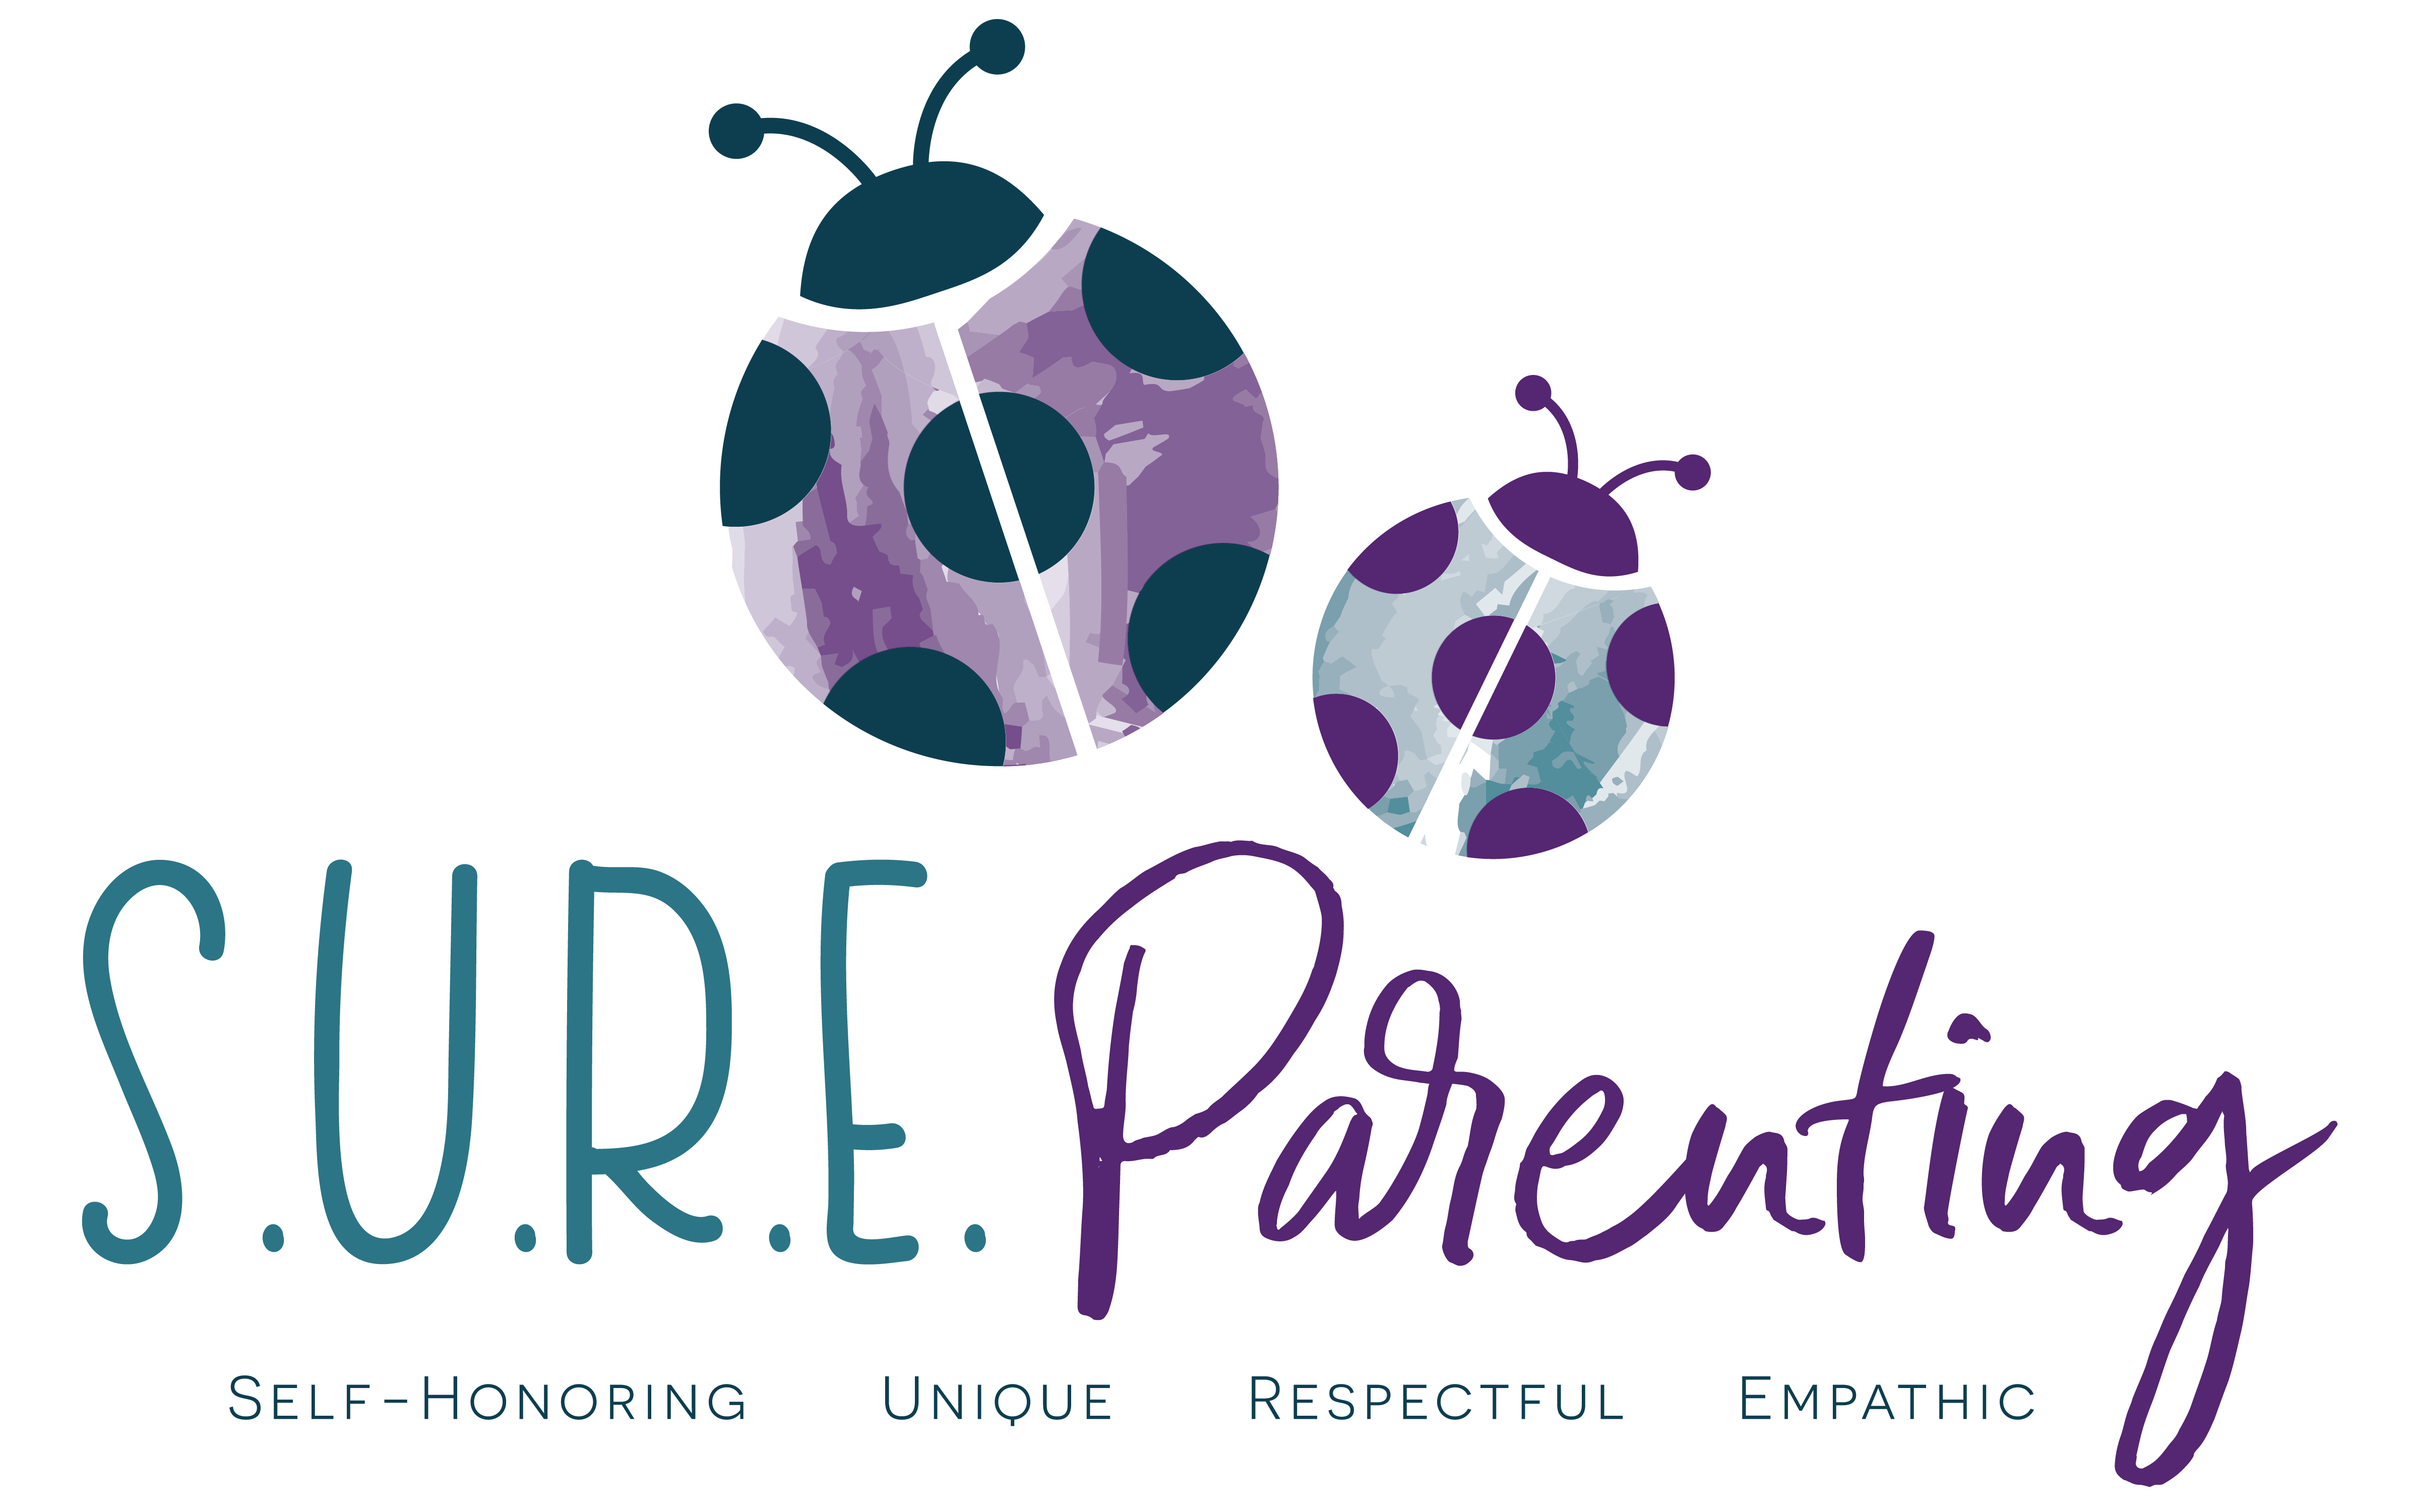 S.U.R.E. Parenting Academy